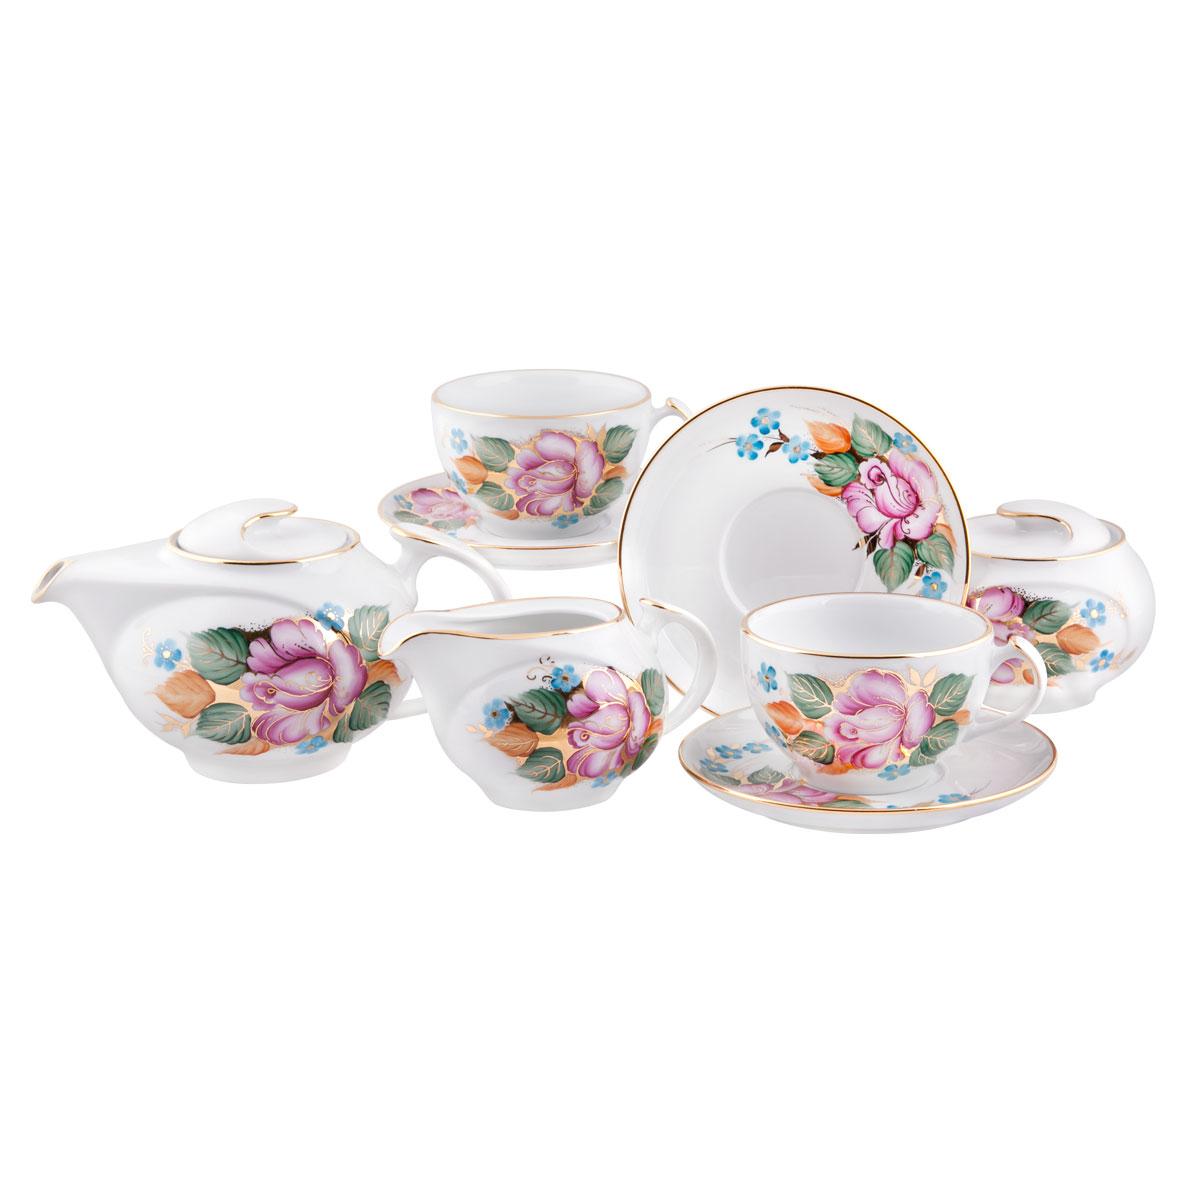 Сервиз чайный Башфарфор Розалия, 15 предметовVT-1520(SR)Сервиз чайный из белого фарфора рассчитан на 6 персон. Тонкий белый фарфор.Изумительная посуда для настоящих ценителей с хорошим вкусом, подходит и для особых случаев и на каждый день. В состав набора входит: чашка 250мл 6 шт, блюдце 14,5см 6 шт, сахарница 300мл 1шт, чайник 600мл 1 шт, Молочник 250мл 1шт.